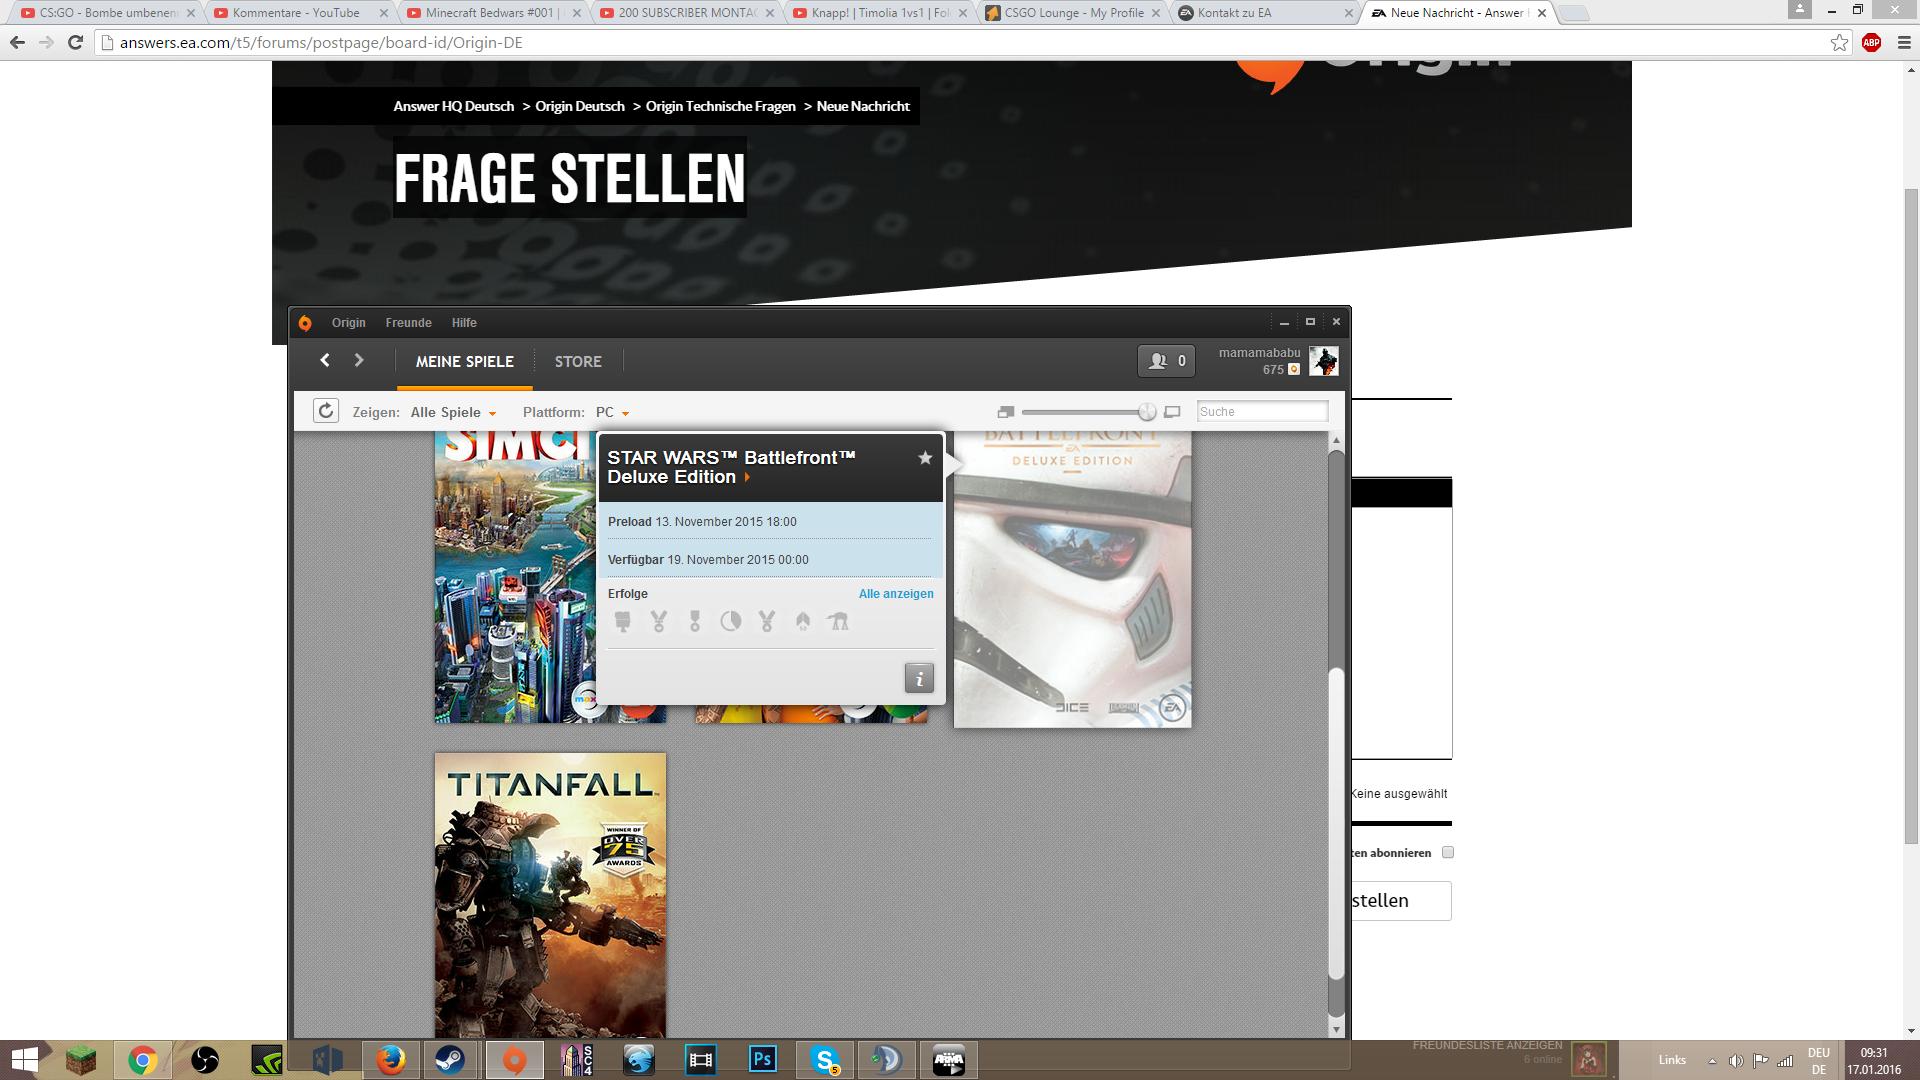 Battlefront Wird Nicht Freigeschalten In Originsteht Immer Noch Das - Youtube minecraft deutsch spielen